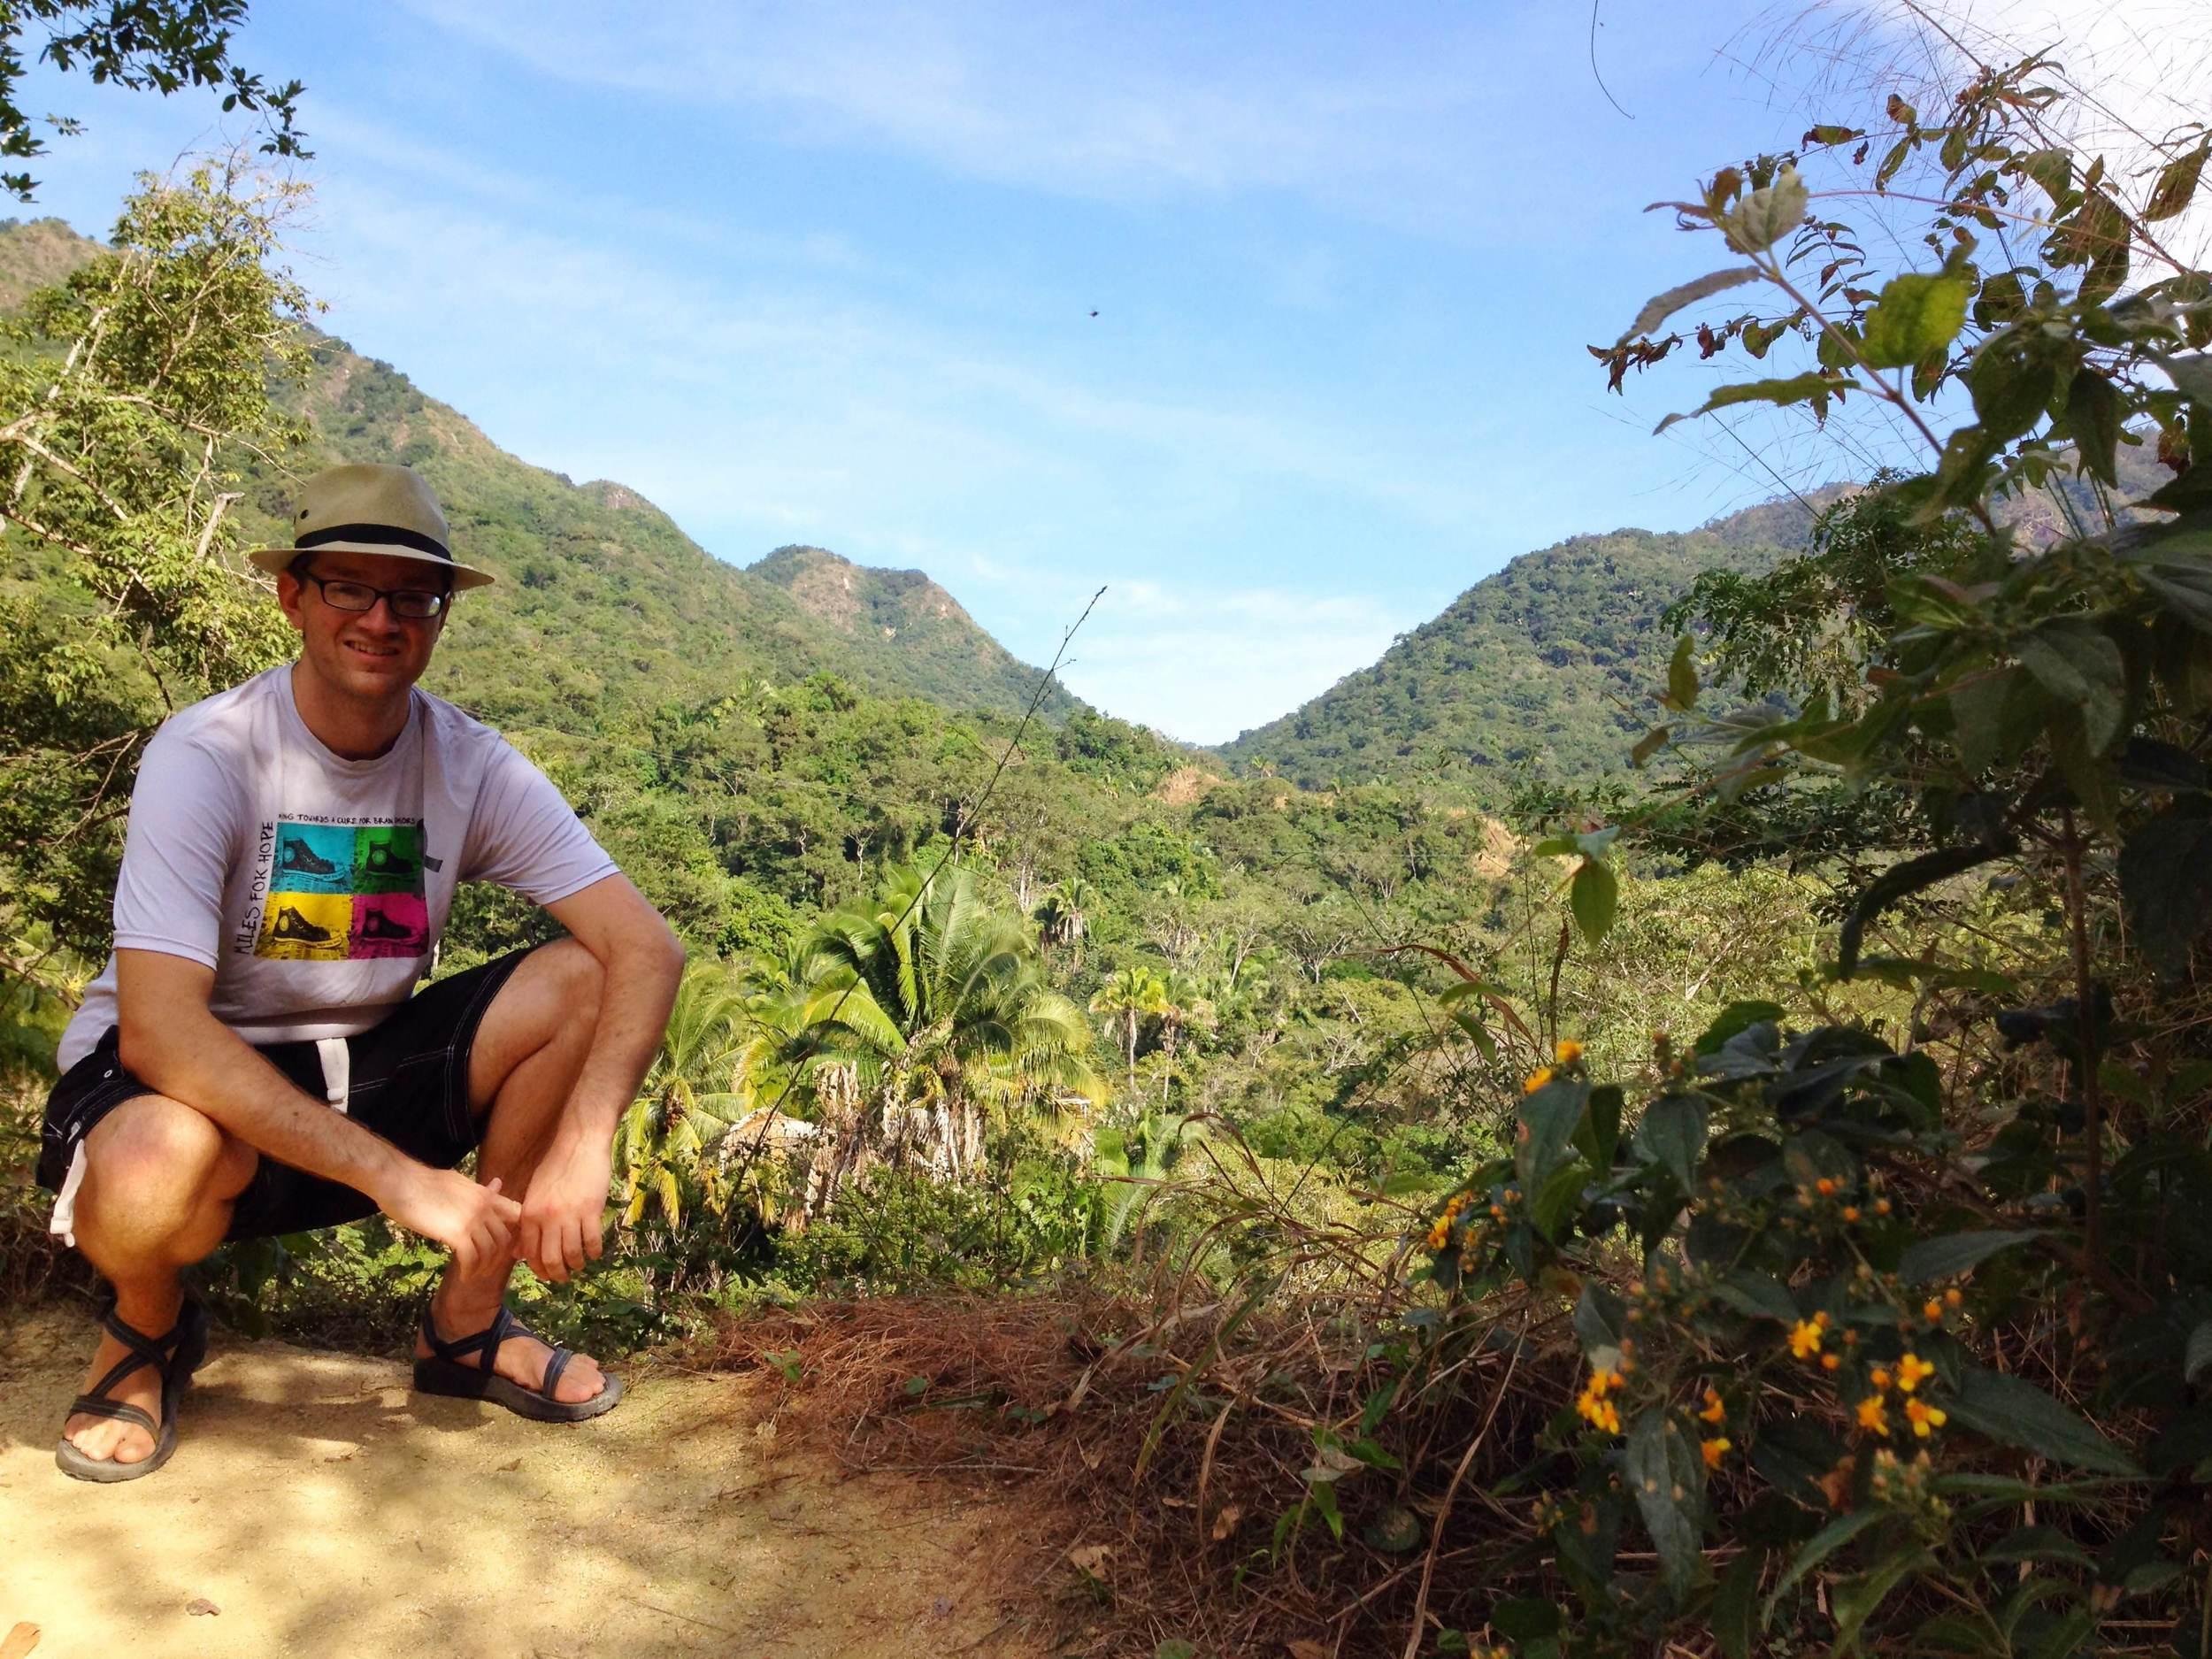 Enjoying life while hiking in Mismaloya, Mexico